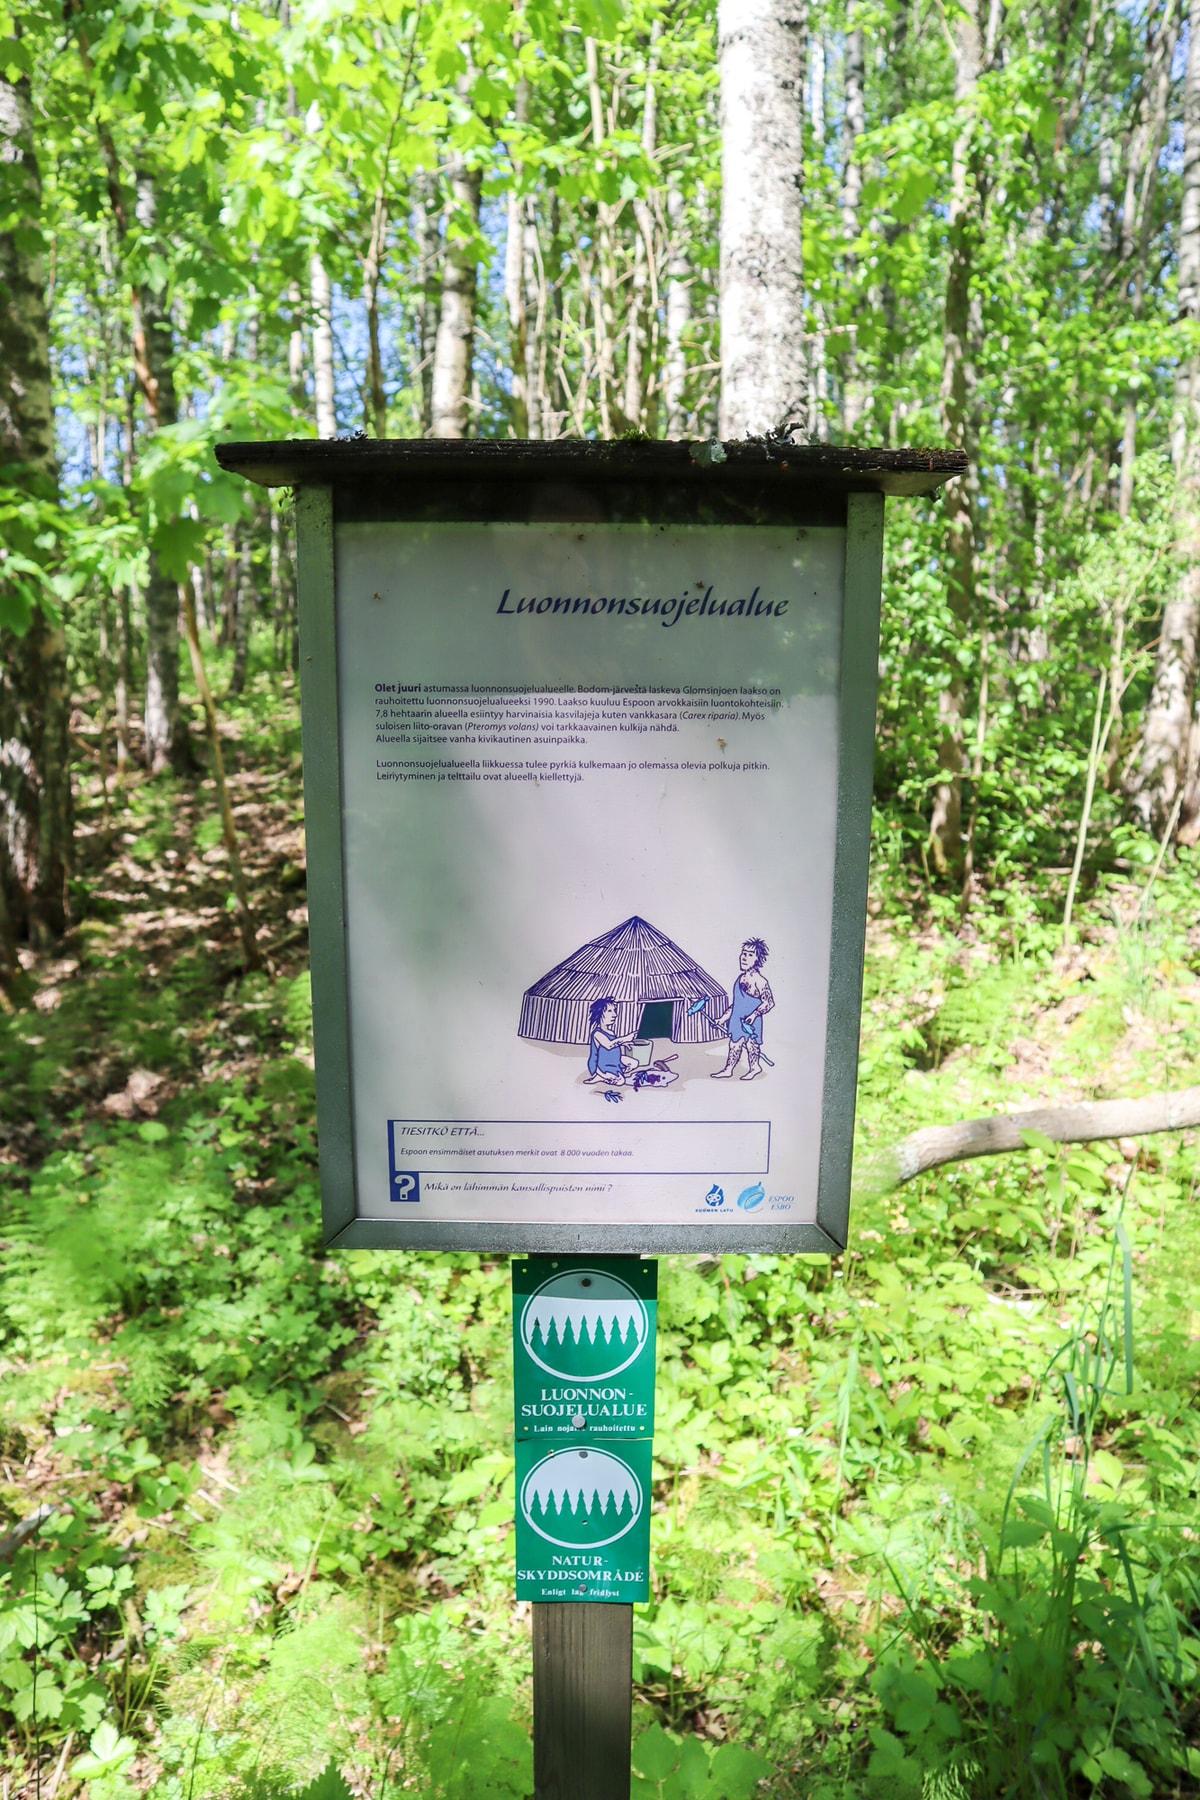 Luonnonsuojelualue / Oittaa